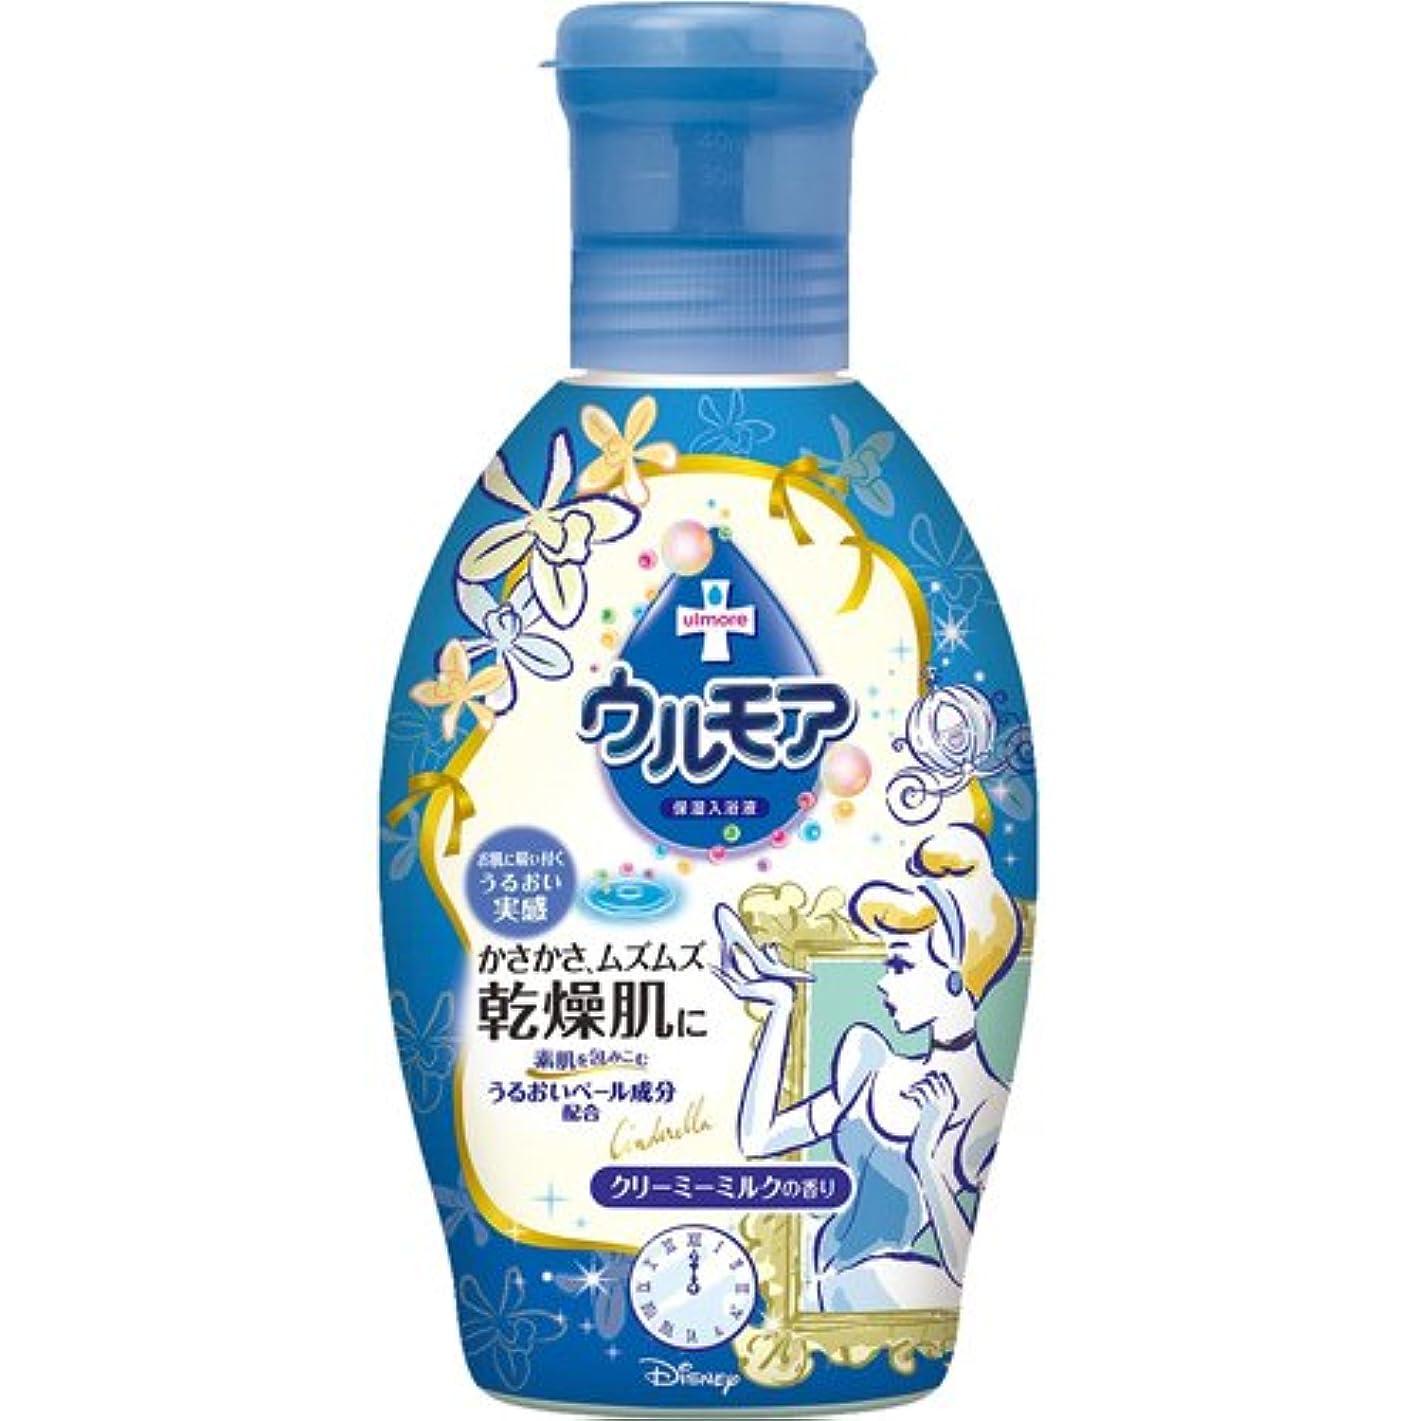 若いくちばし消すウルモア クリーミーミルクの香り ディズニープリンセス 600ml